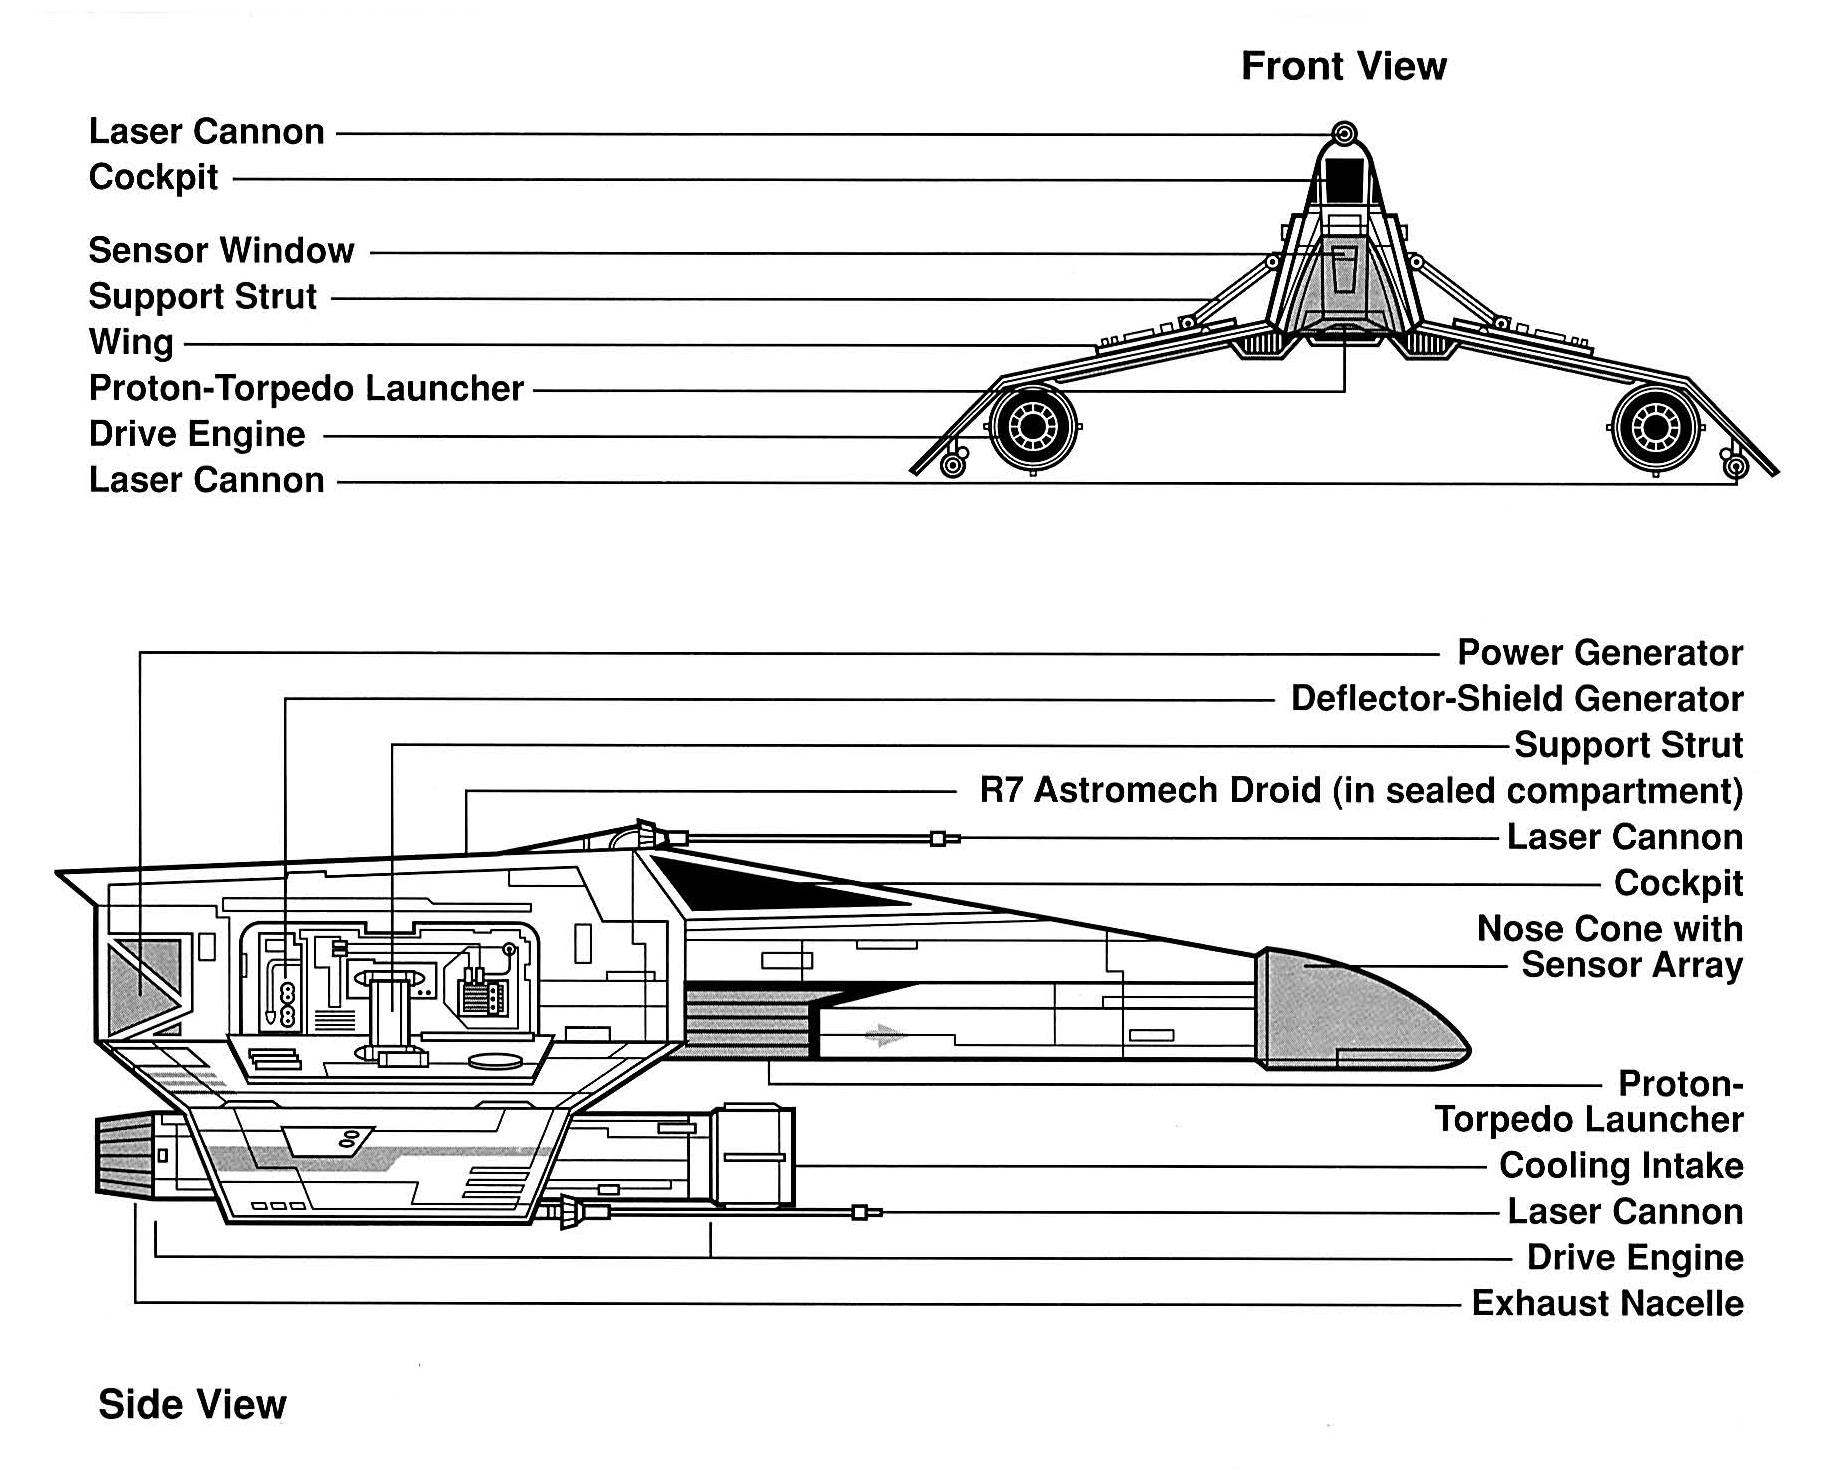 E-wing schem.jpg